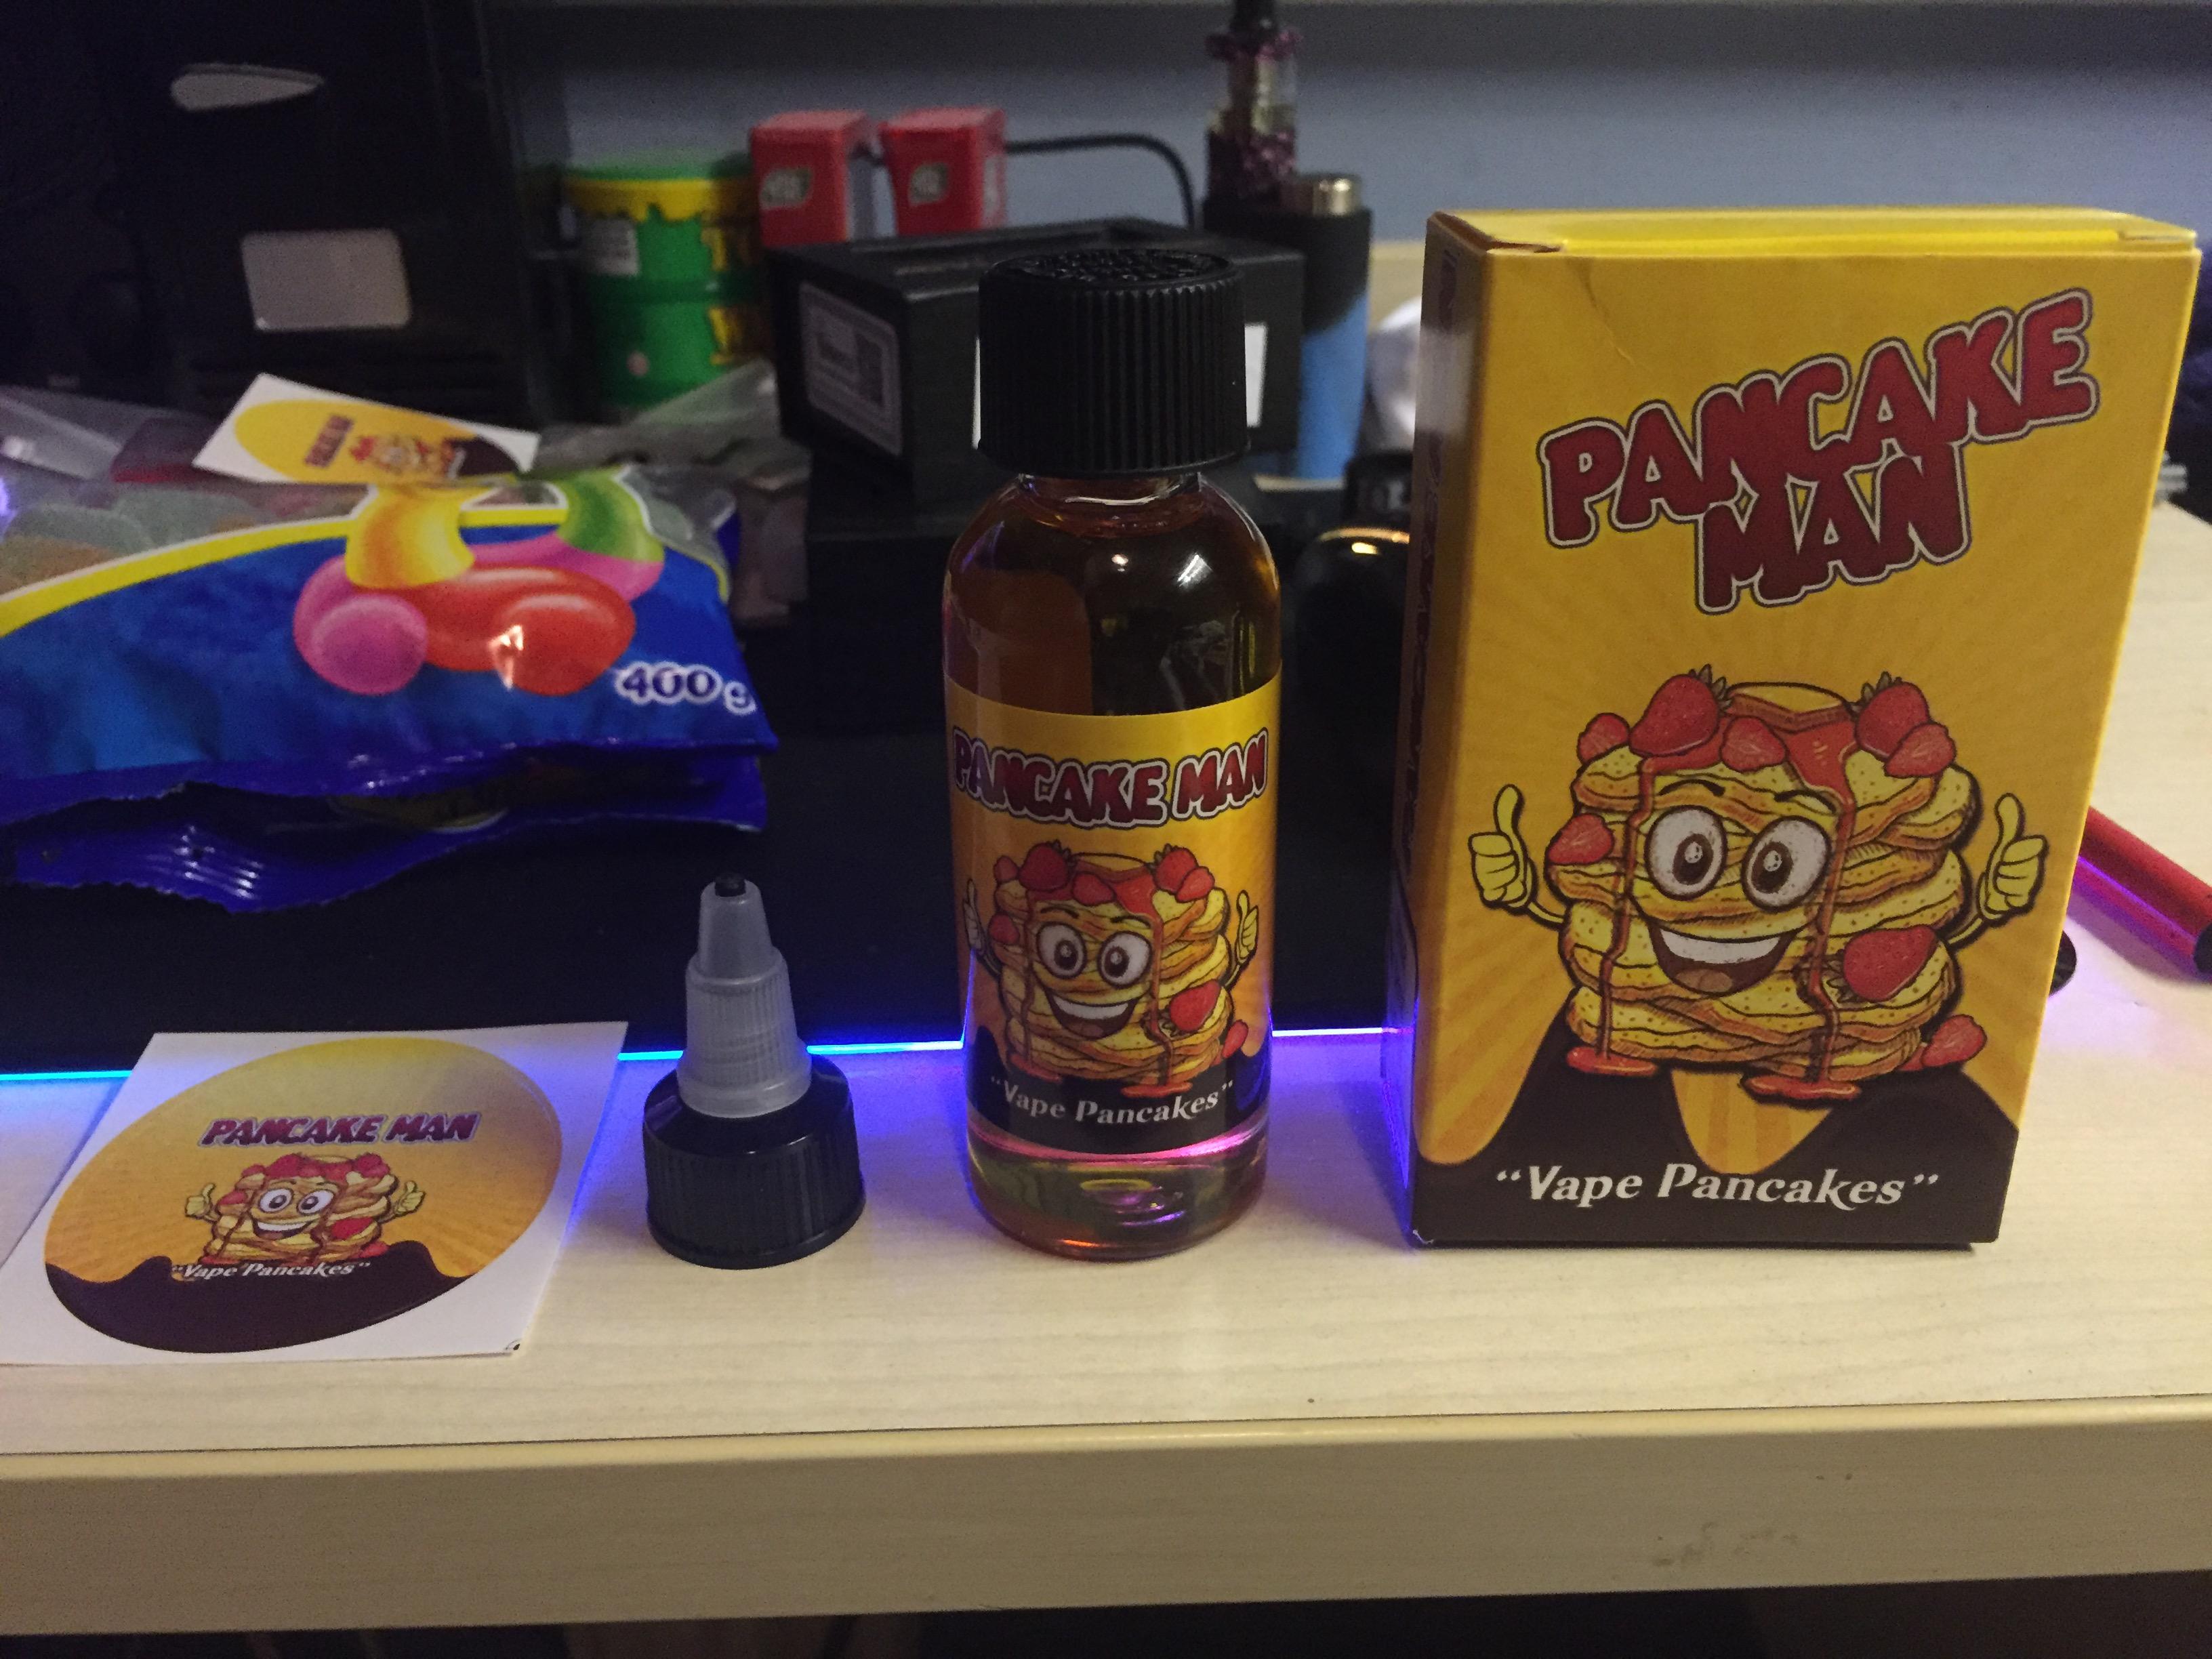 Fake Pancake Man being sold? | Vaping Forum - Planet of the